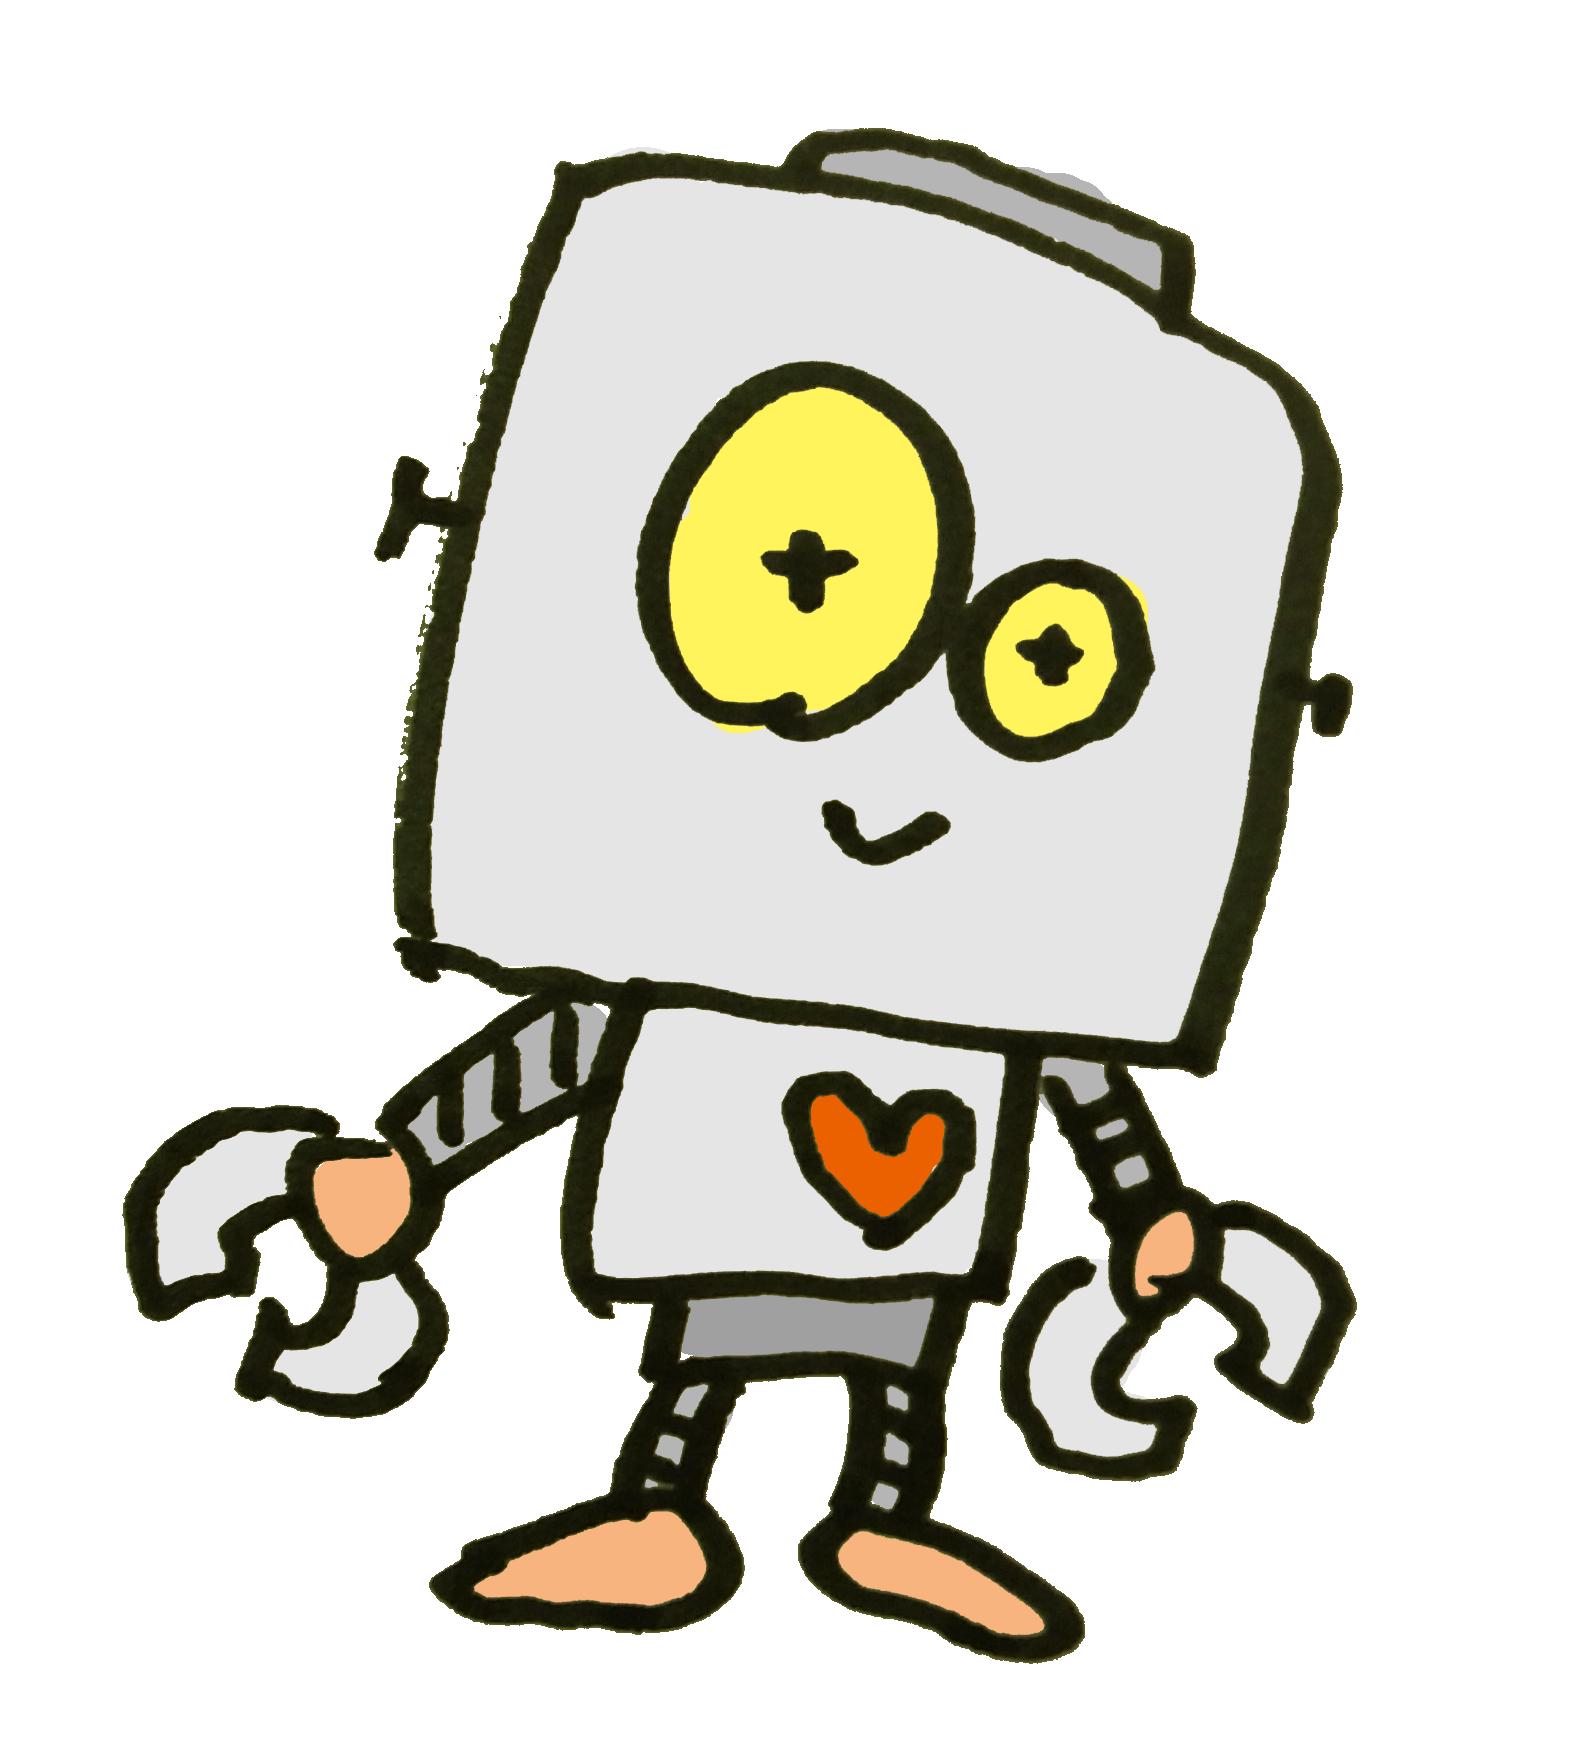 昔ながらのロボットのイラスト ゆるくてかわいい無料イラスト素材屋